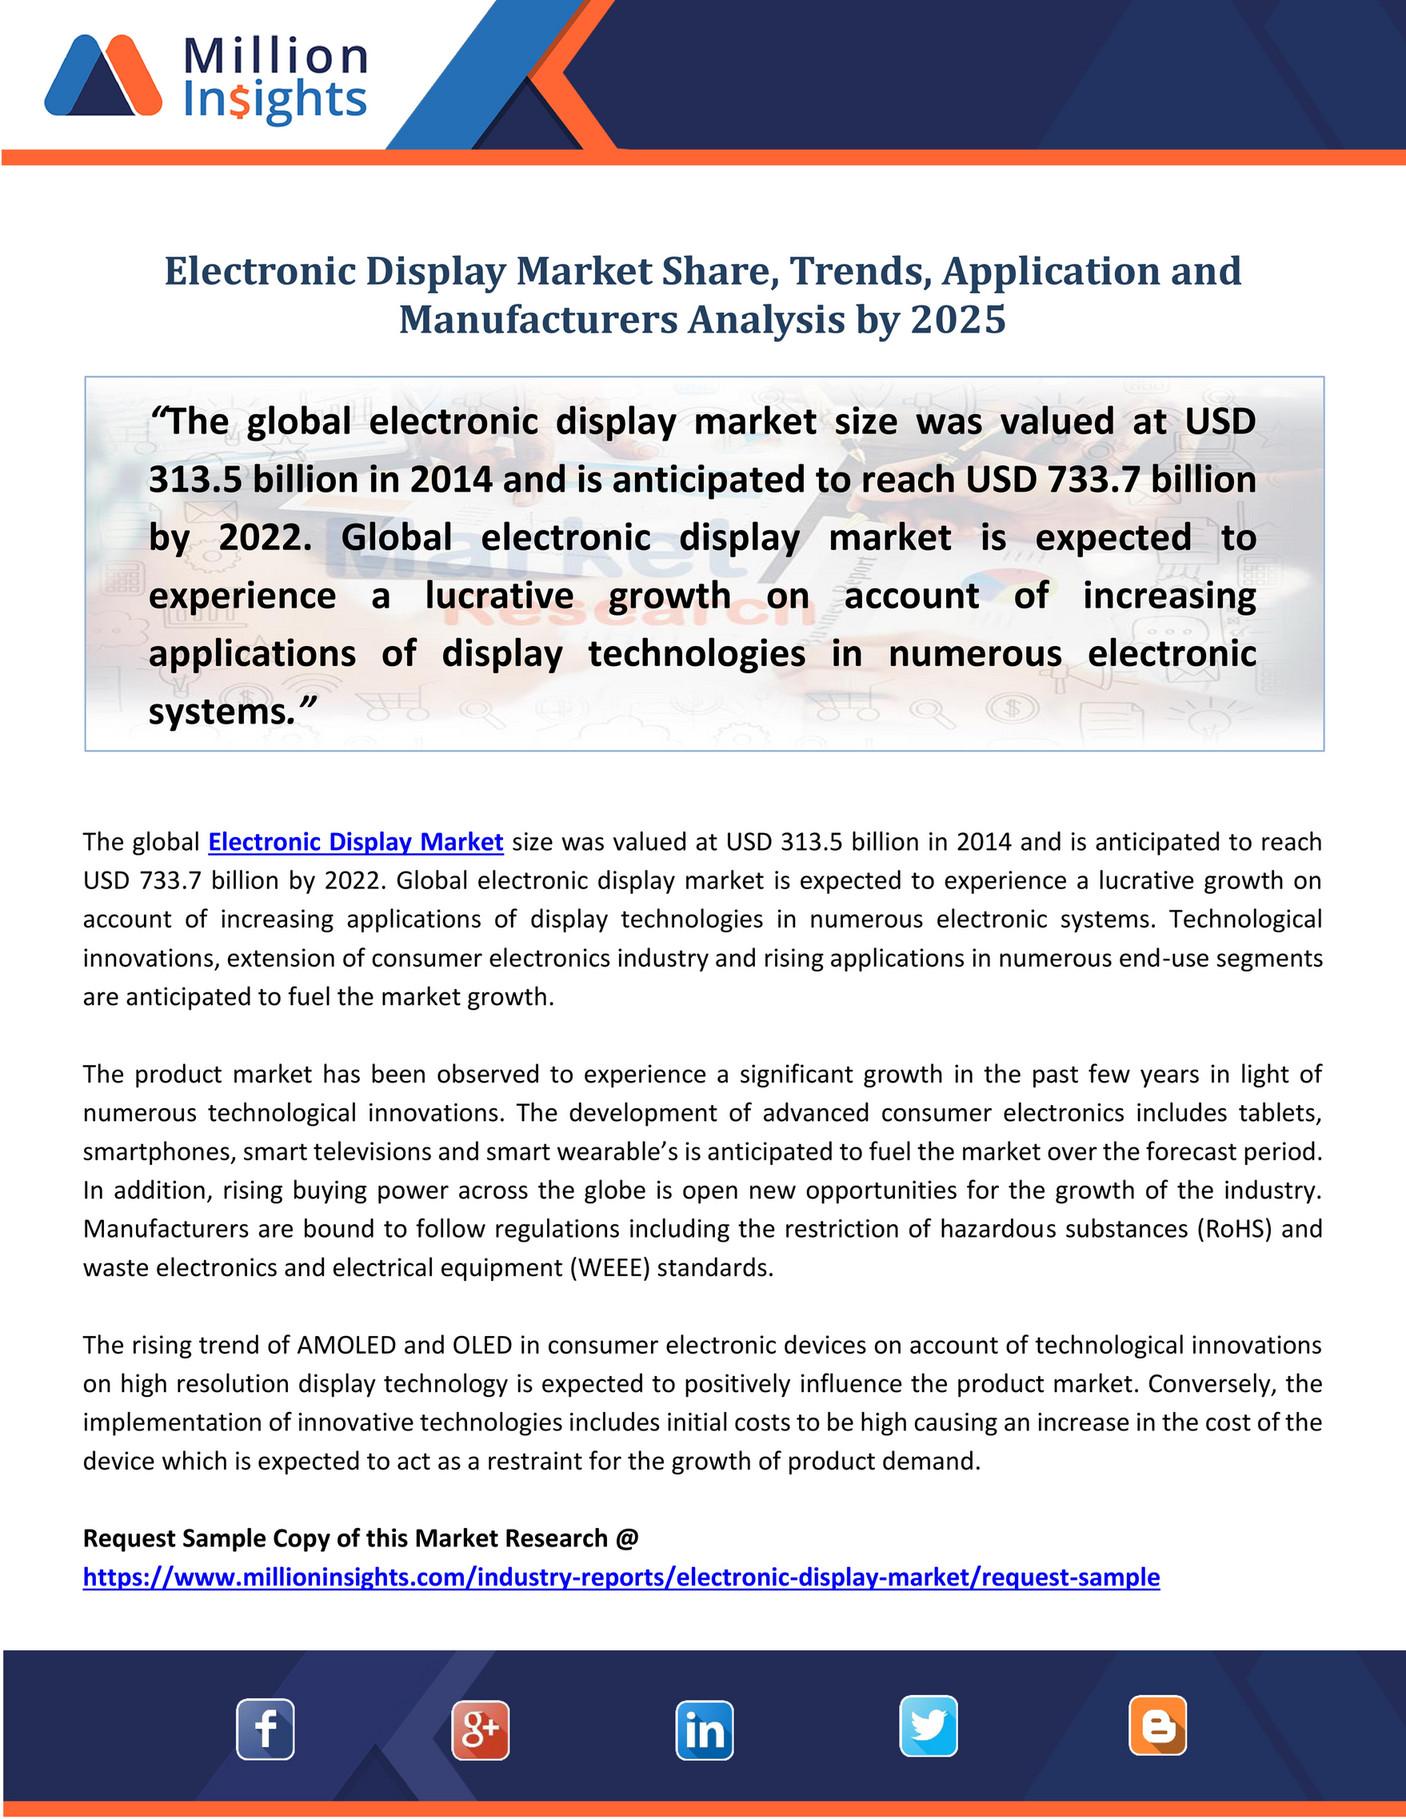 Market Developer - Electronic Display Market Share, Trends